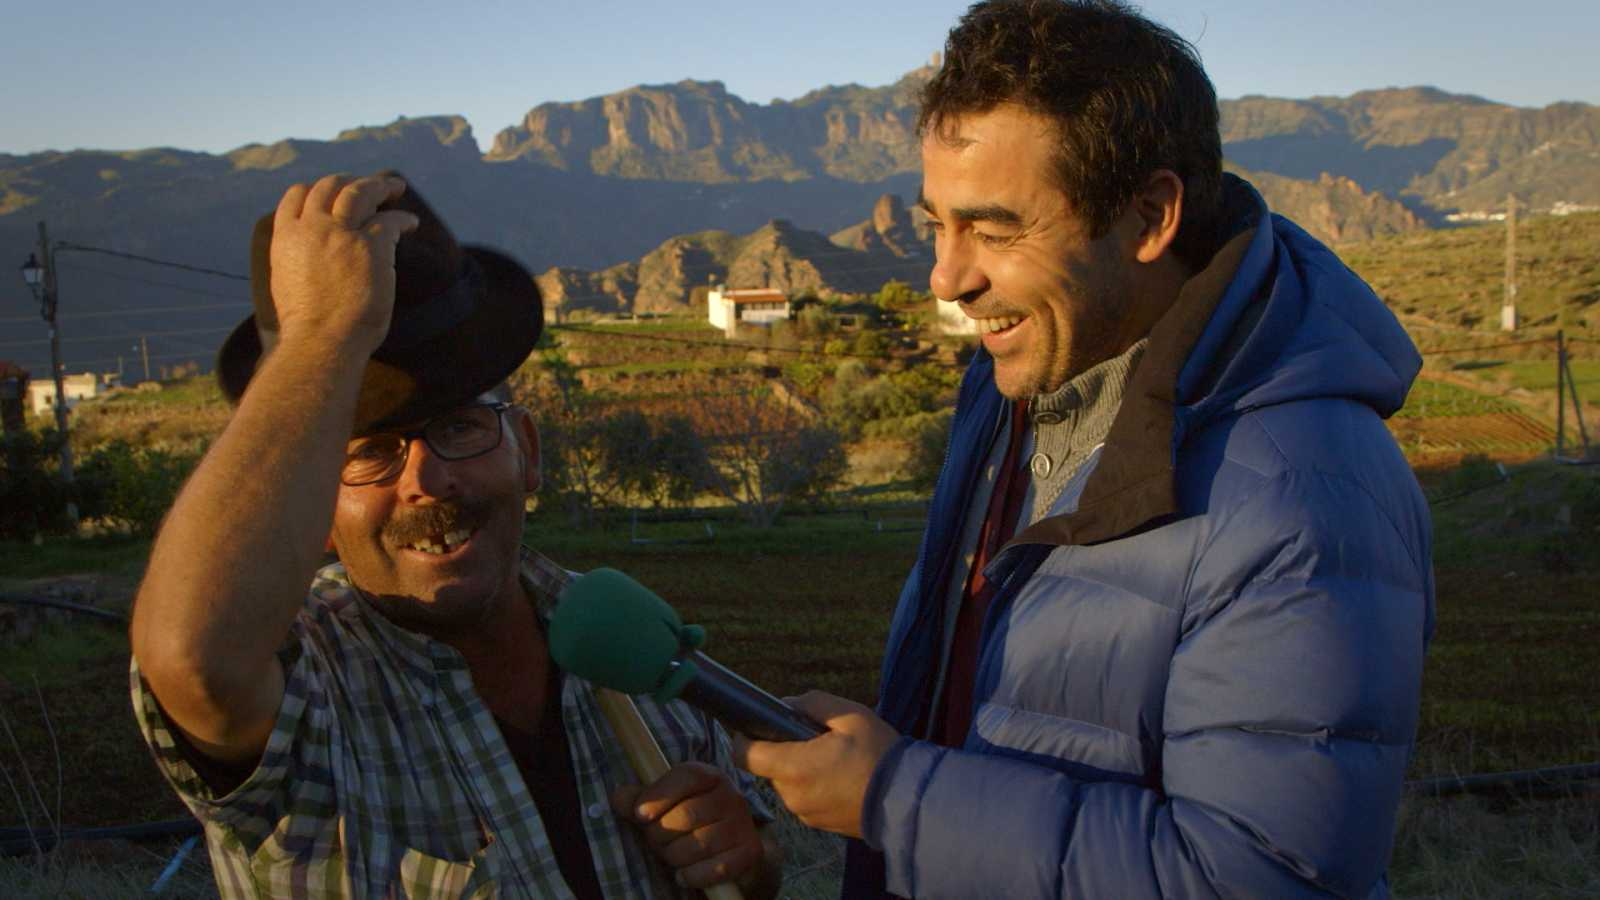 """Los mejores momentos de """"El paisano"""" en Artenara, en las cumbres de Gran Canaria"""